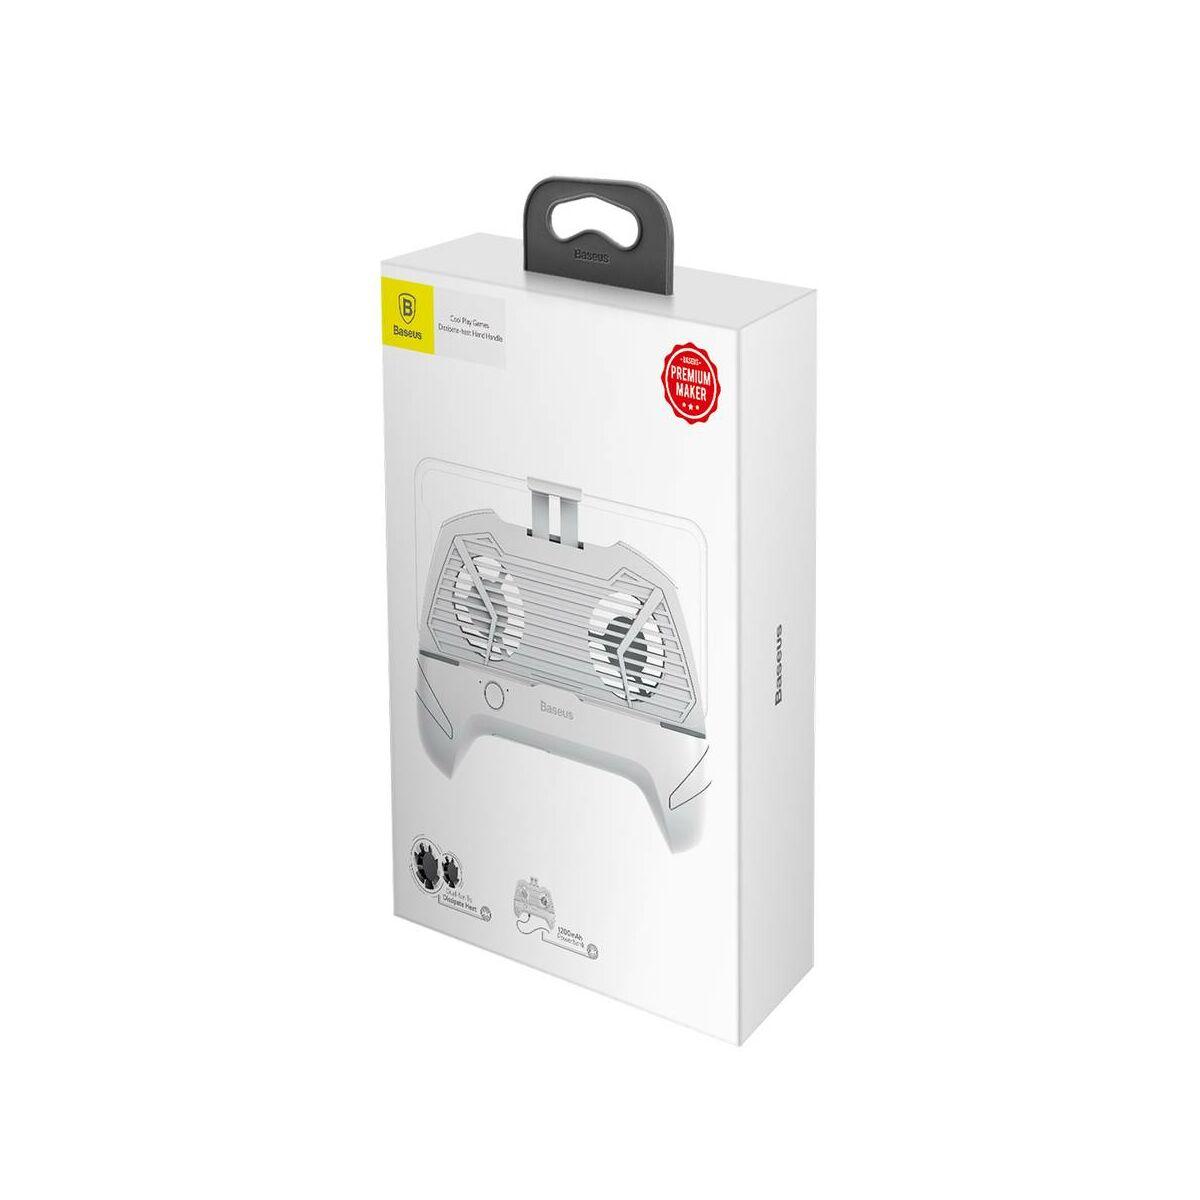 Baseus játék eszköz Cool Play Games hőelvezetős telefontartó, fehér (ACSR-CW02)